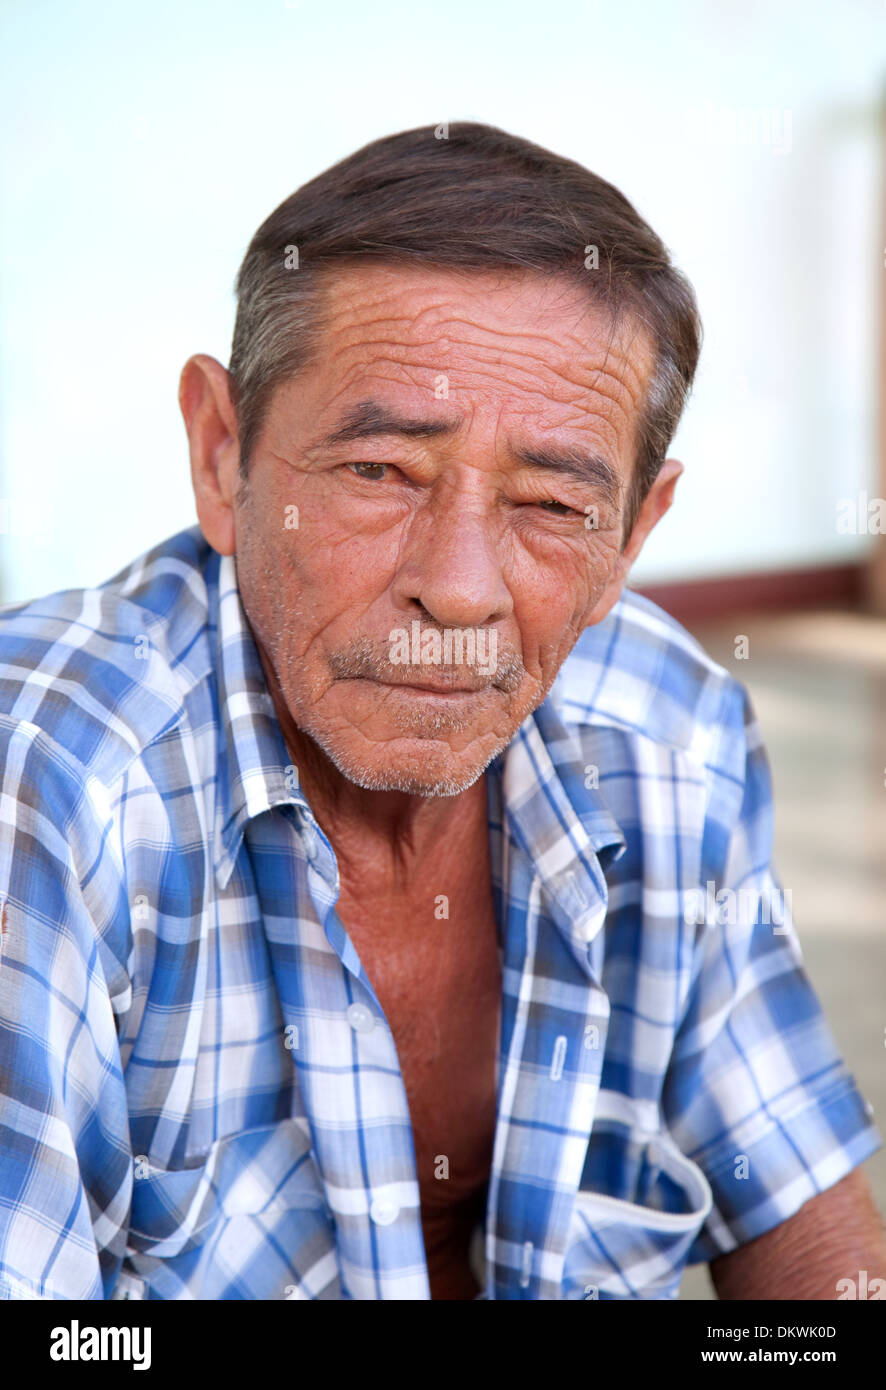 Homme d'âge moyen, de Cuba, de l'âge de 50 ans, la tête et épaules portrait, ville de Vinales, Cuba Caraïbes Photo Stock